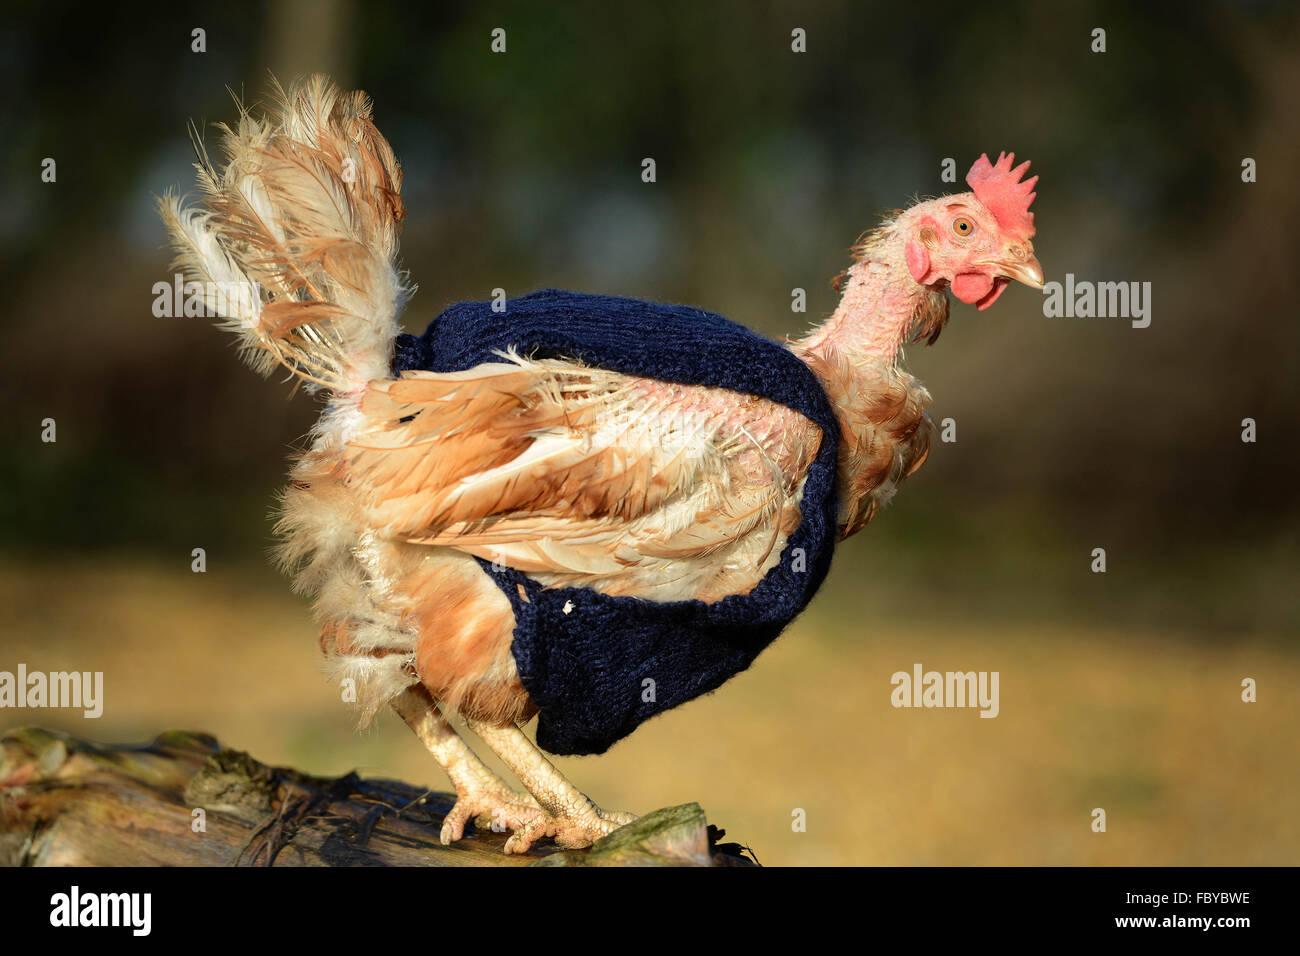 Ex le galline allevate in batteria con maglia ponticelli di lana Immagini Stock